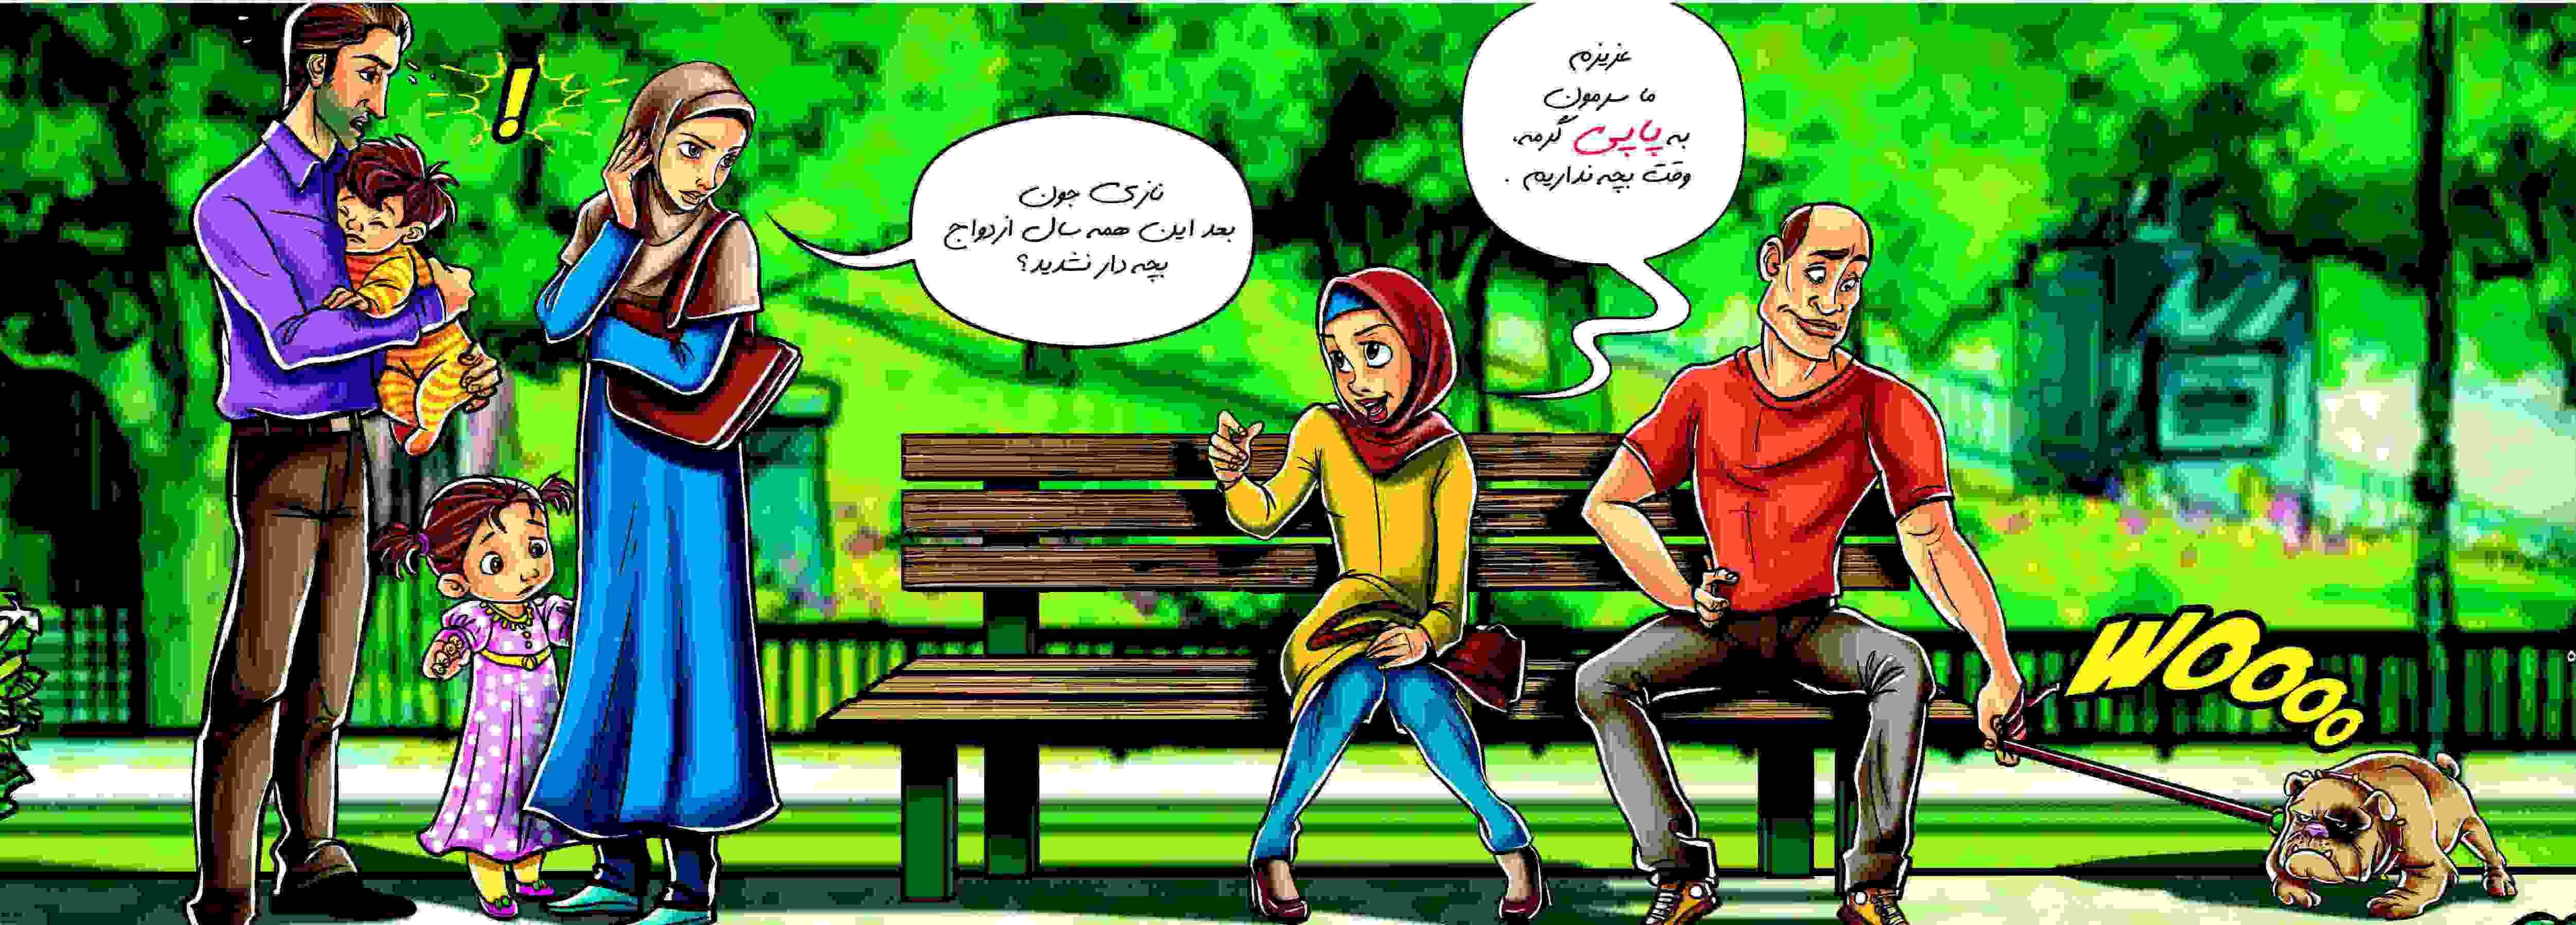 سبک زندگی اسلامی 2 /تصویری